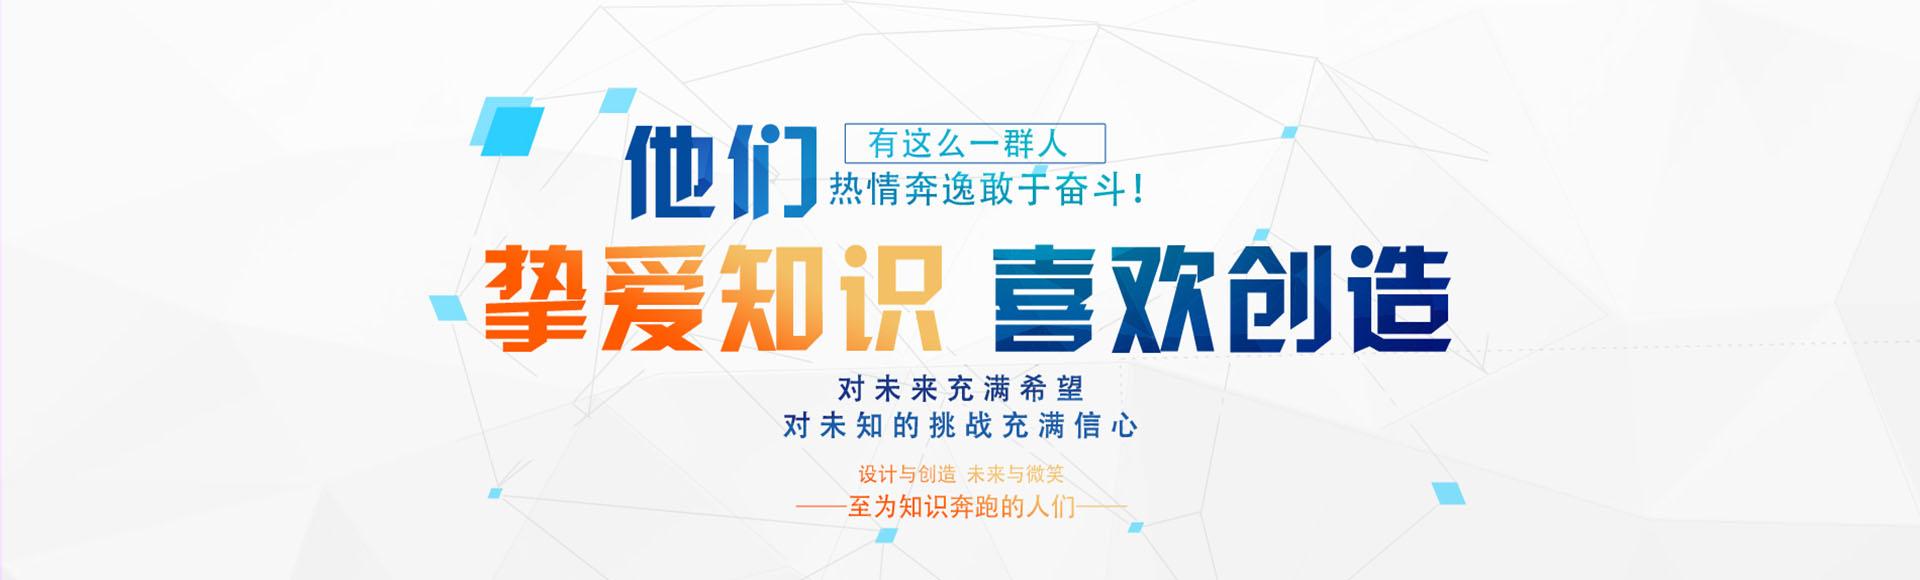 重慶主城區網絡推廣